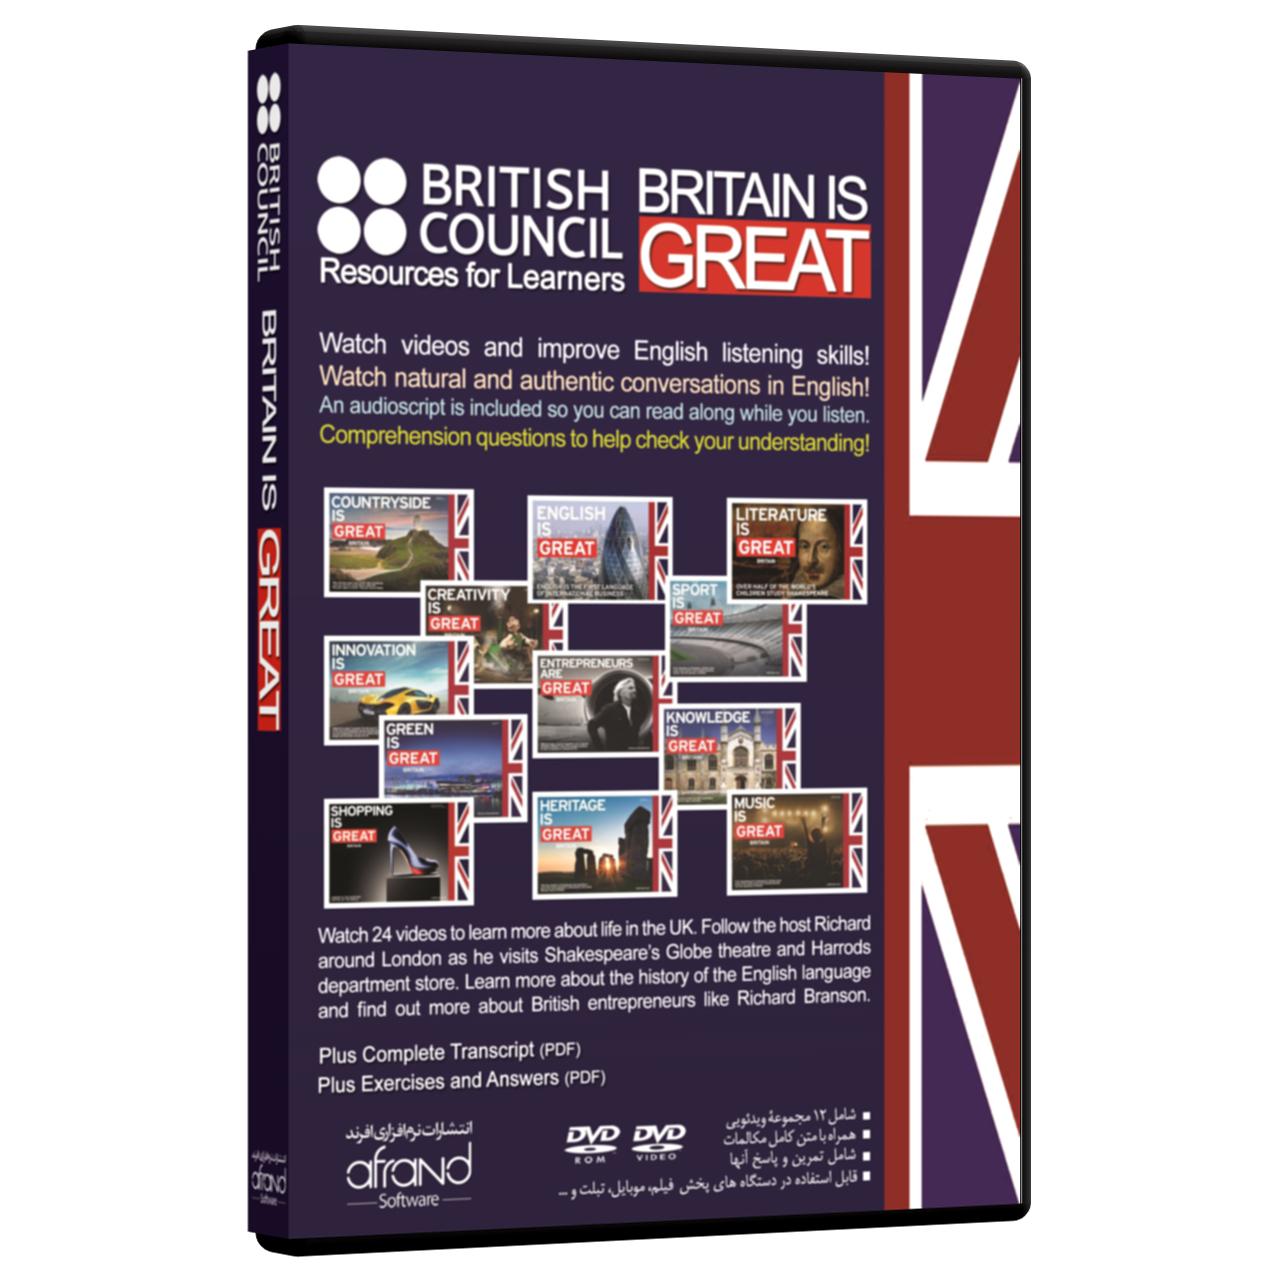 فیلم مستند تقویت مهارت زبان انگلیسی Britain is Great انتشارات نرم افزاری افرند